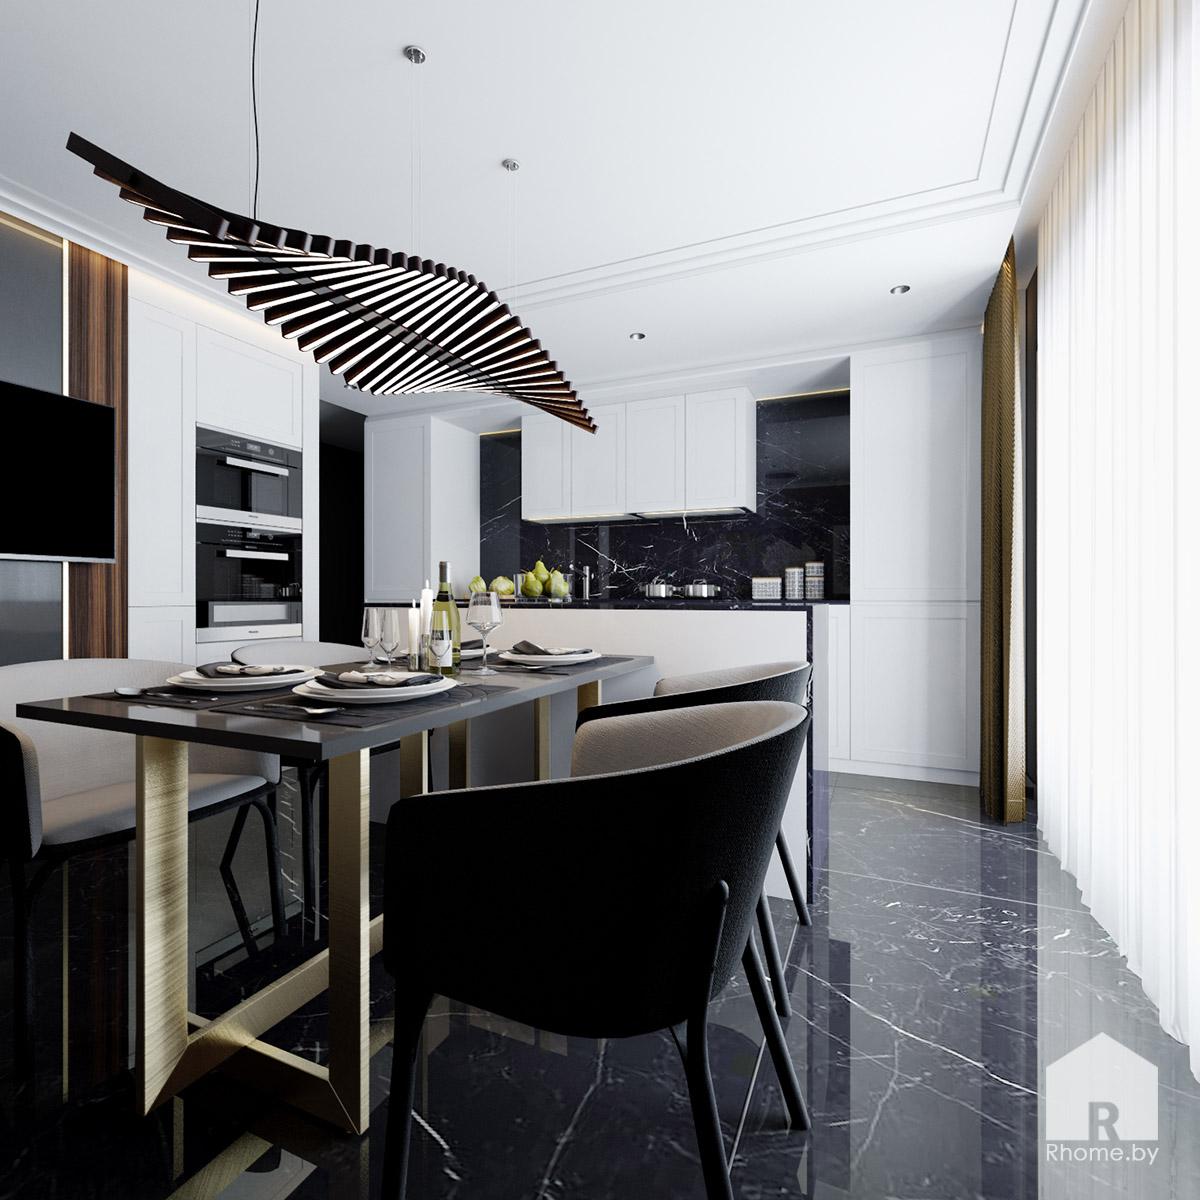 Дизайн кухни в Борисове в темных тонах | Дизайн студия – Rhome.by